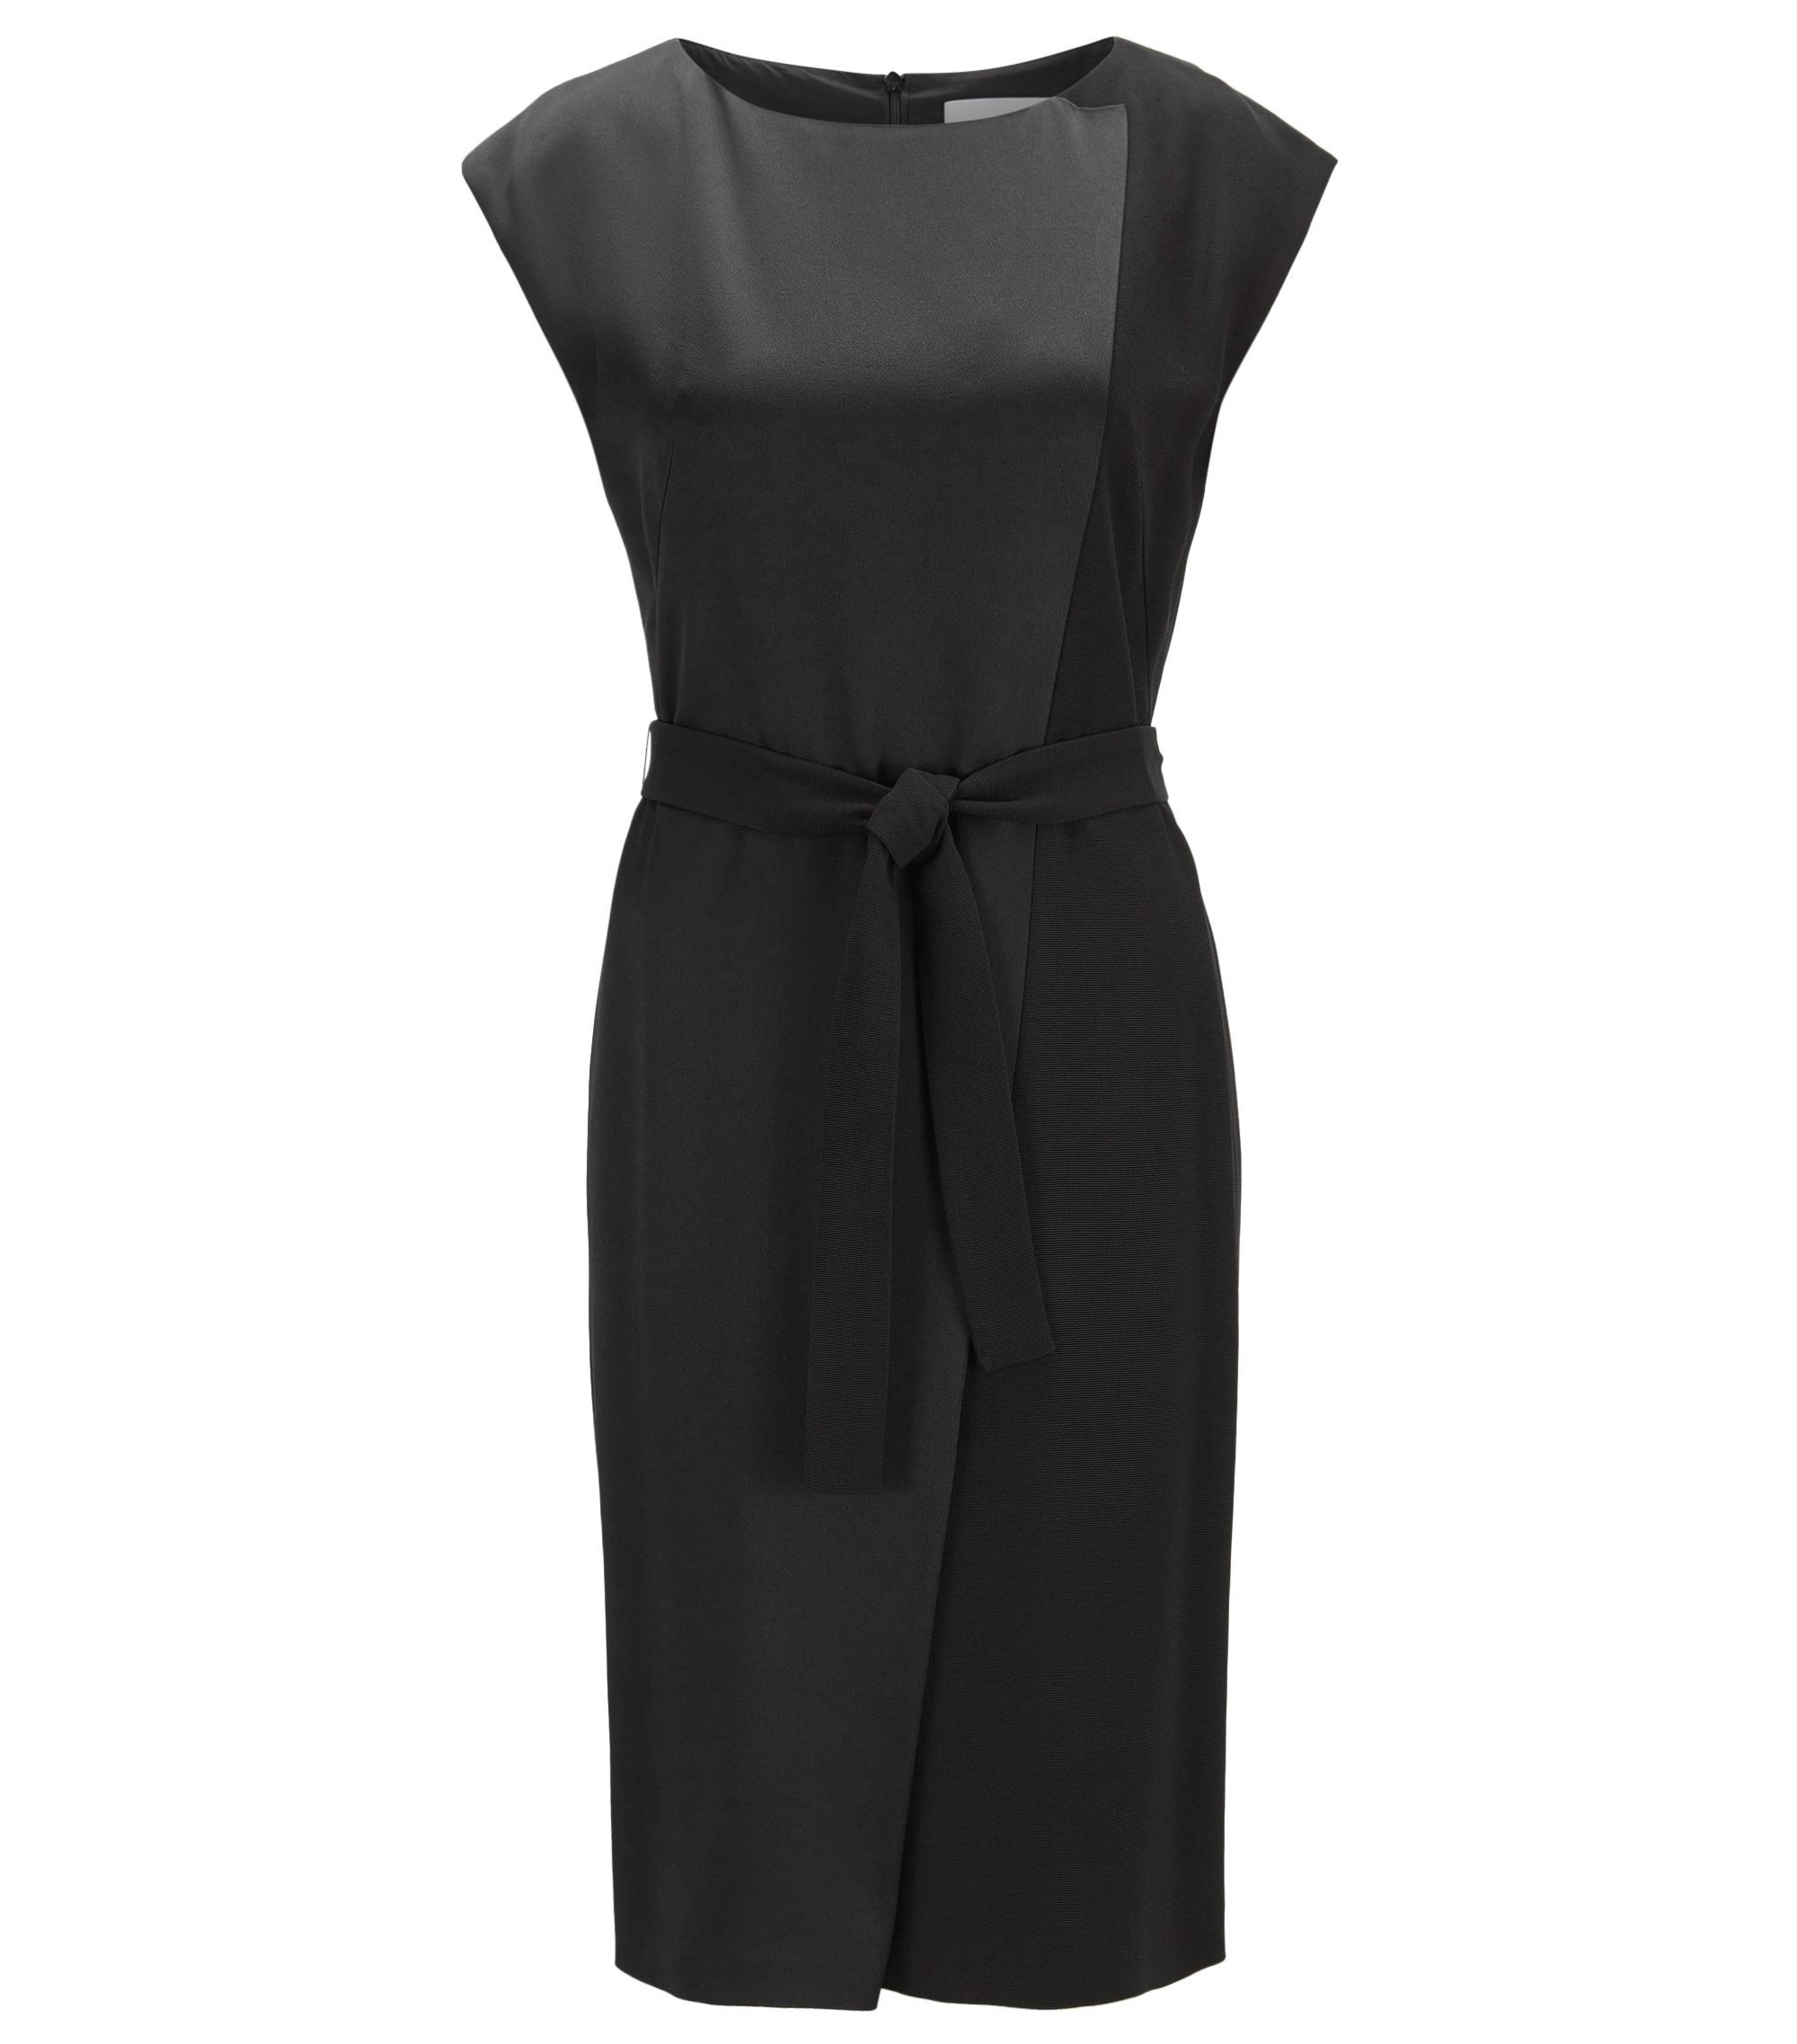 Robe asymétrique sans manches en tissus contrastants, Noir